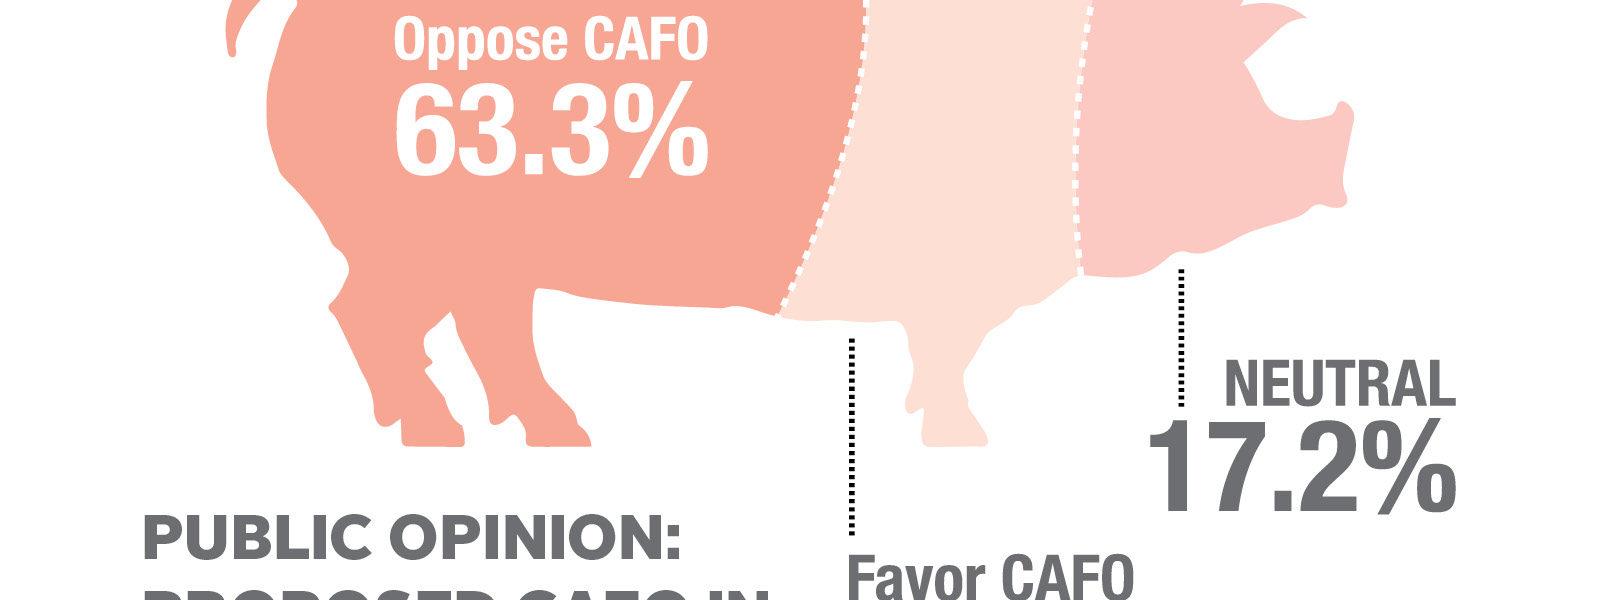 CAFO graphic